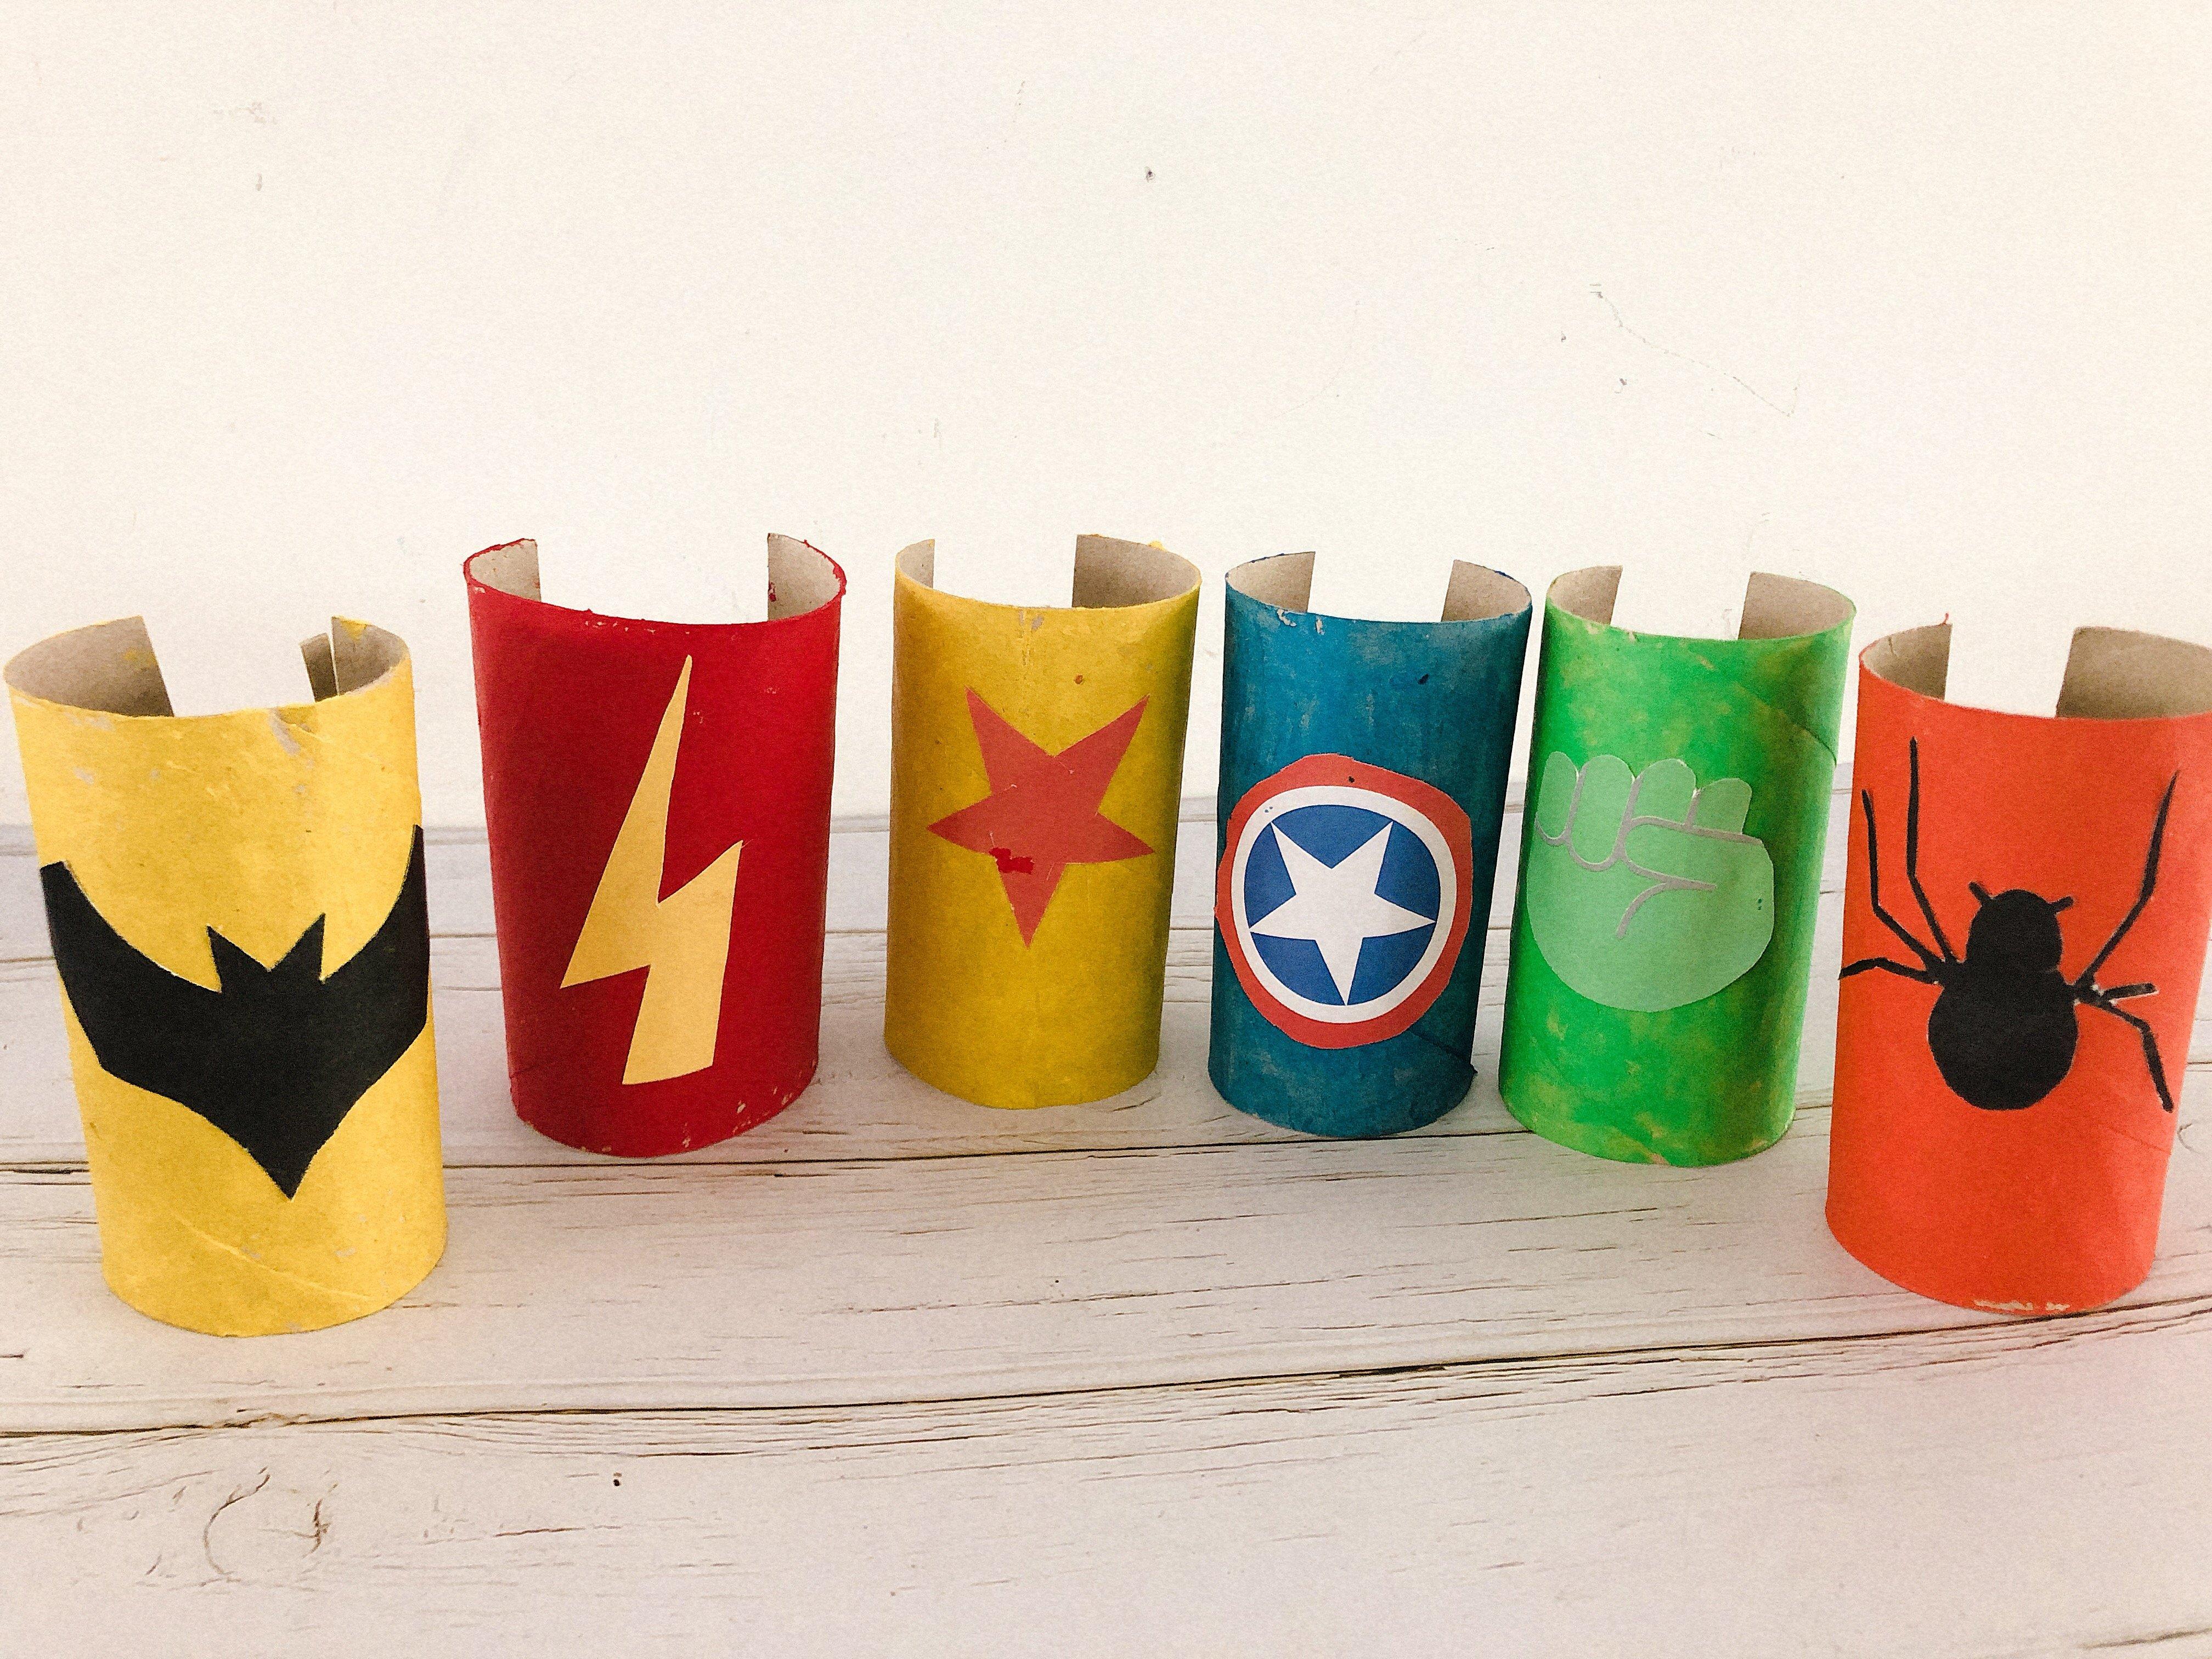 Beste Superhelden armband knutselen   Knutselideeën thema Superhelden TJ-48